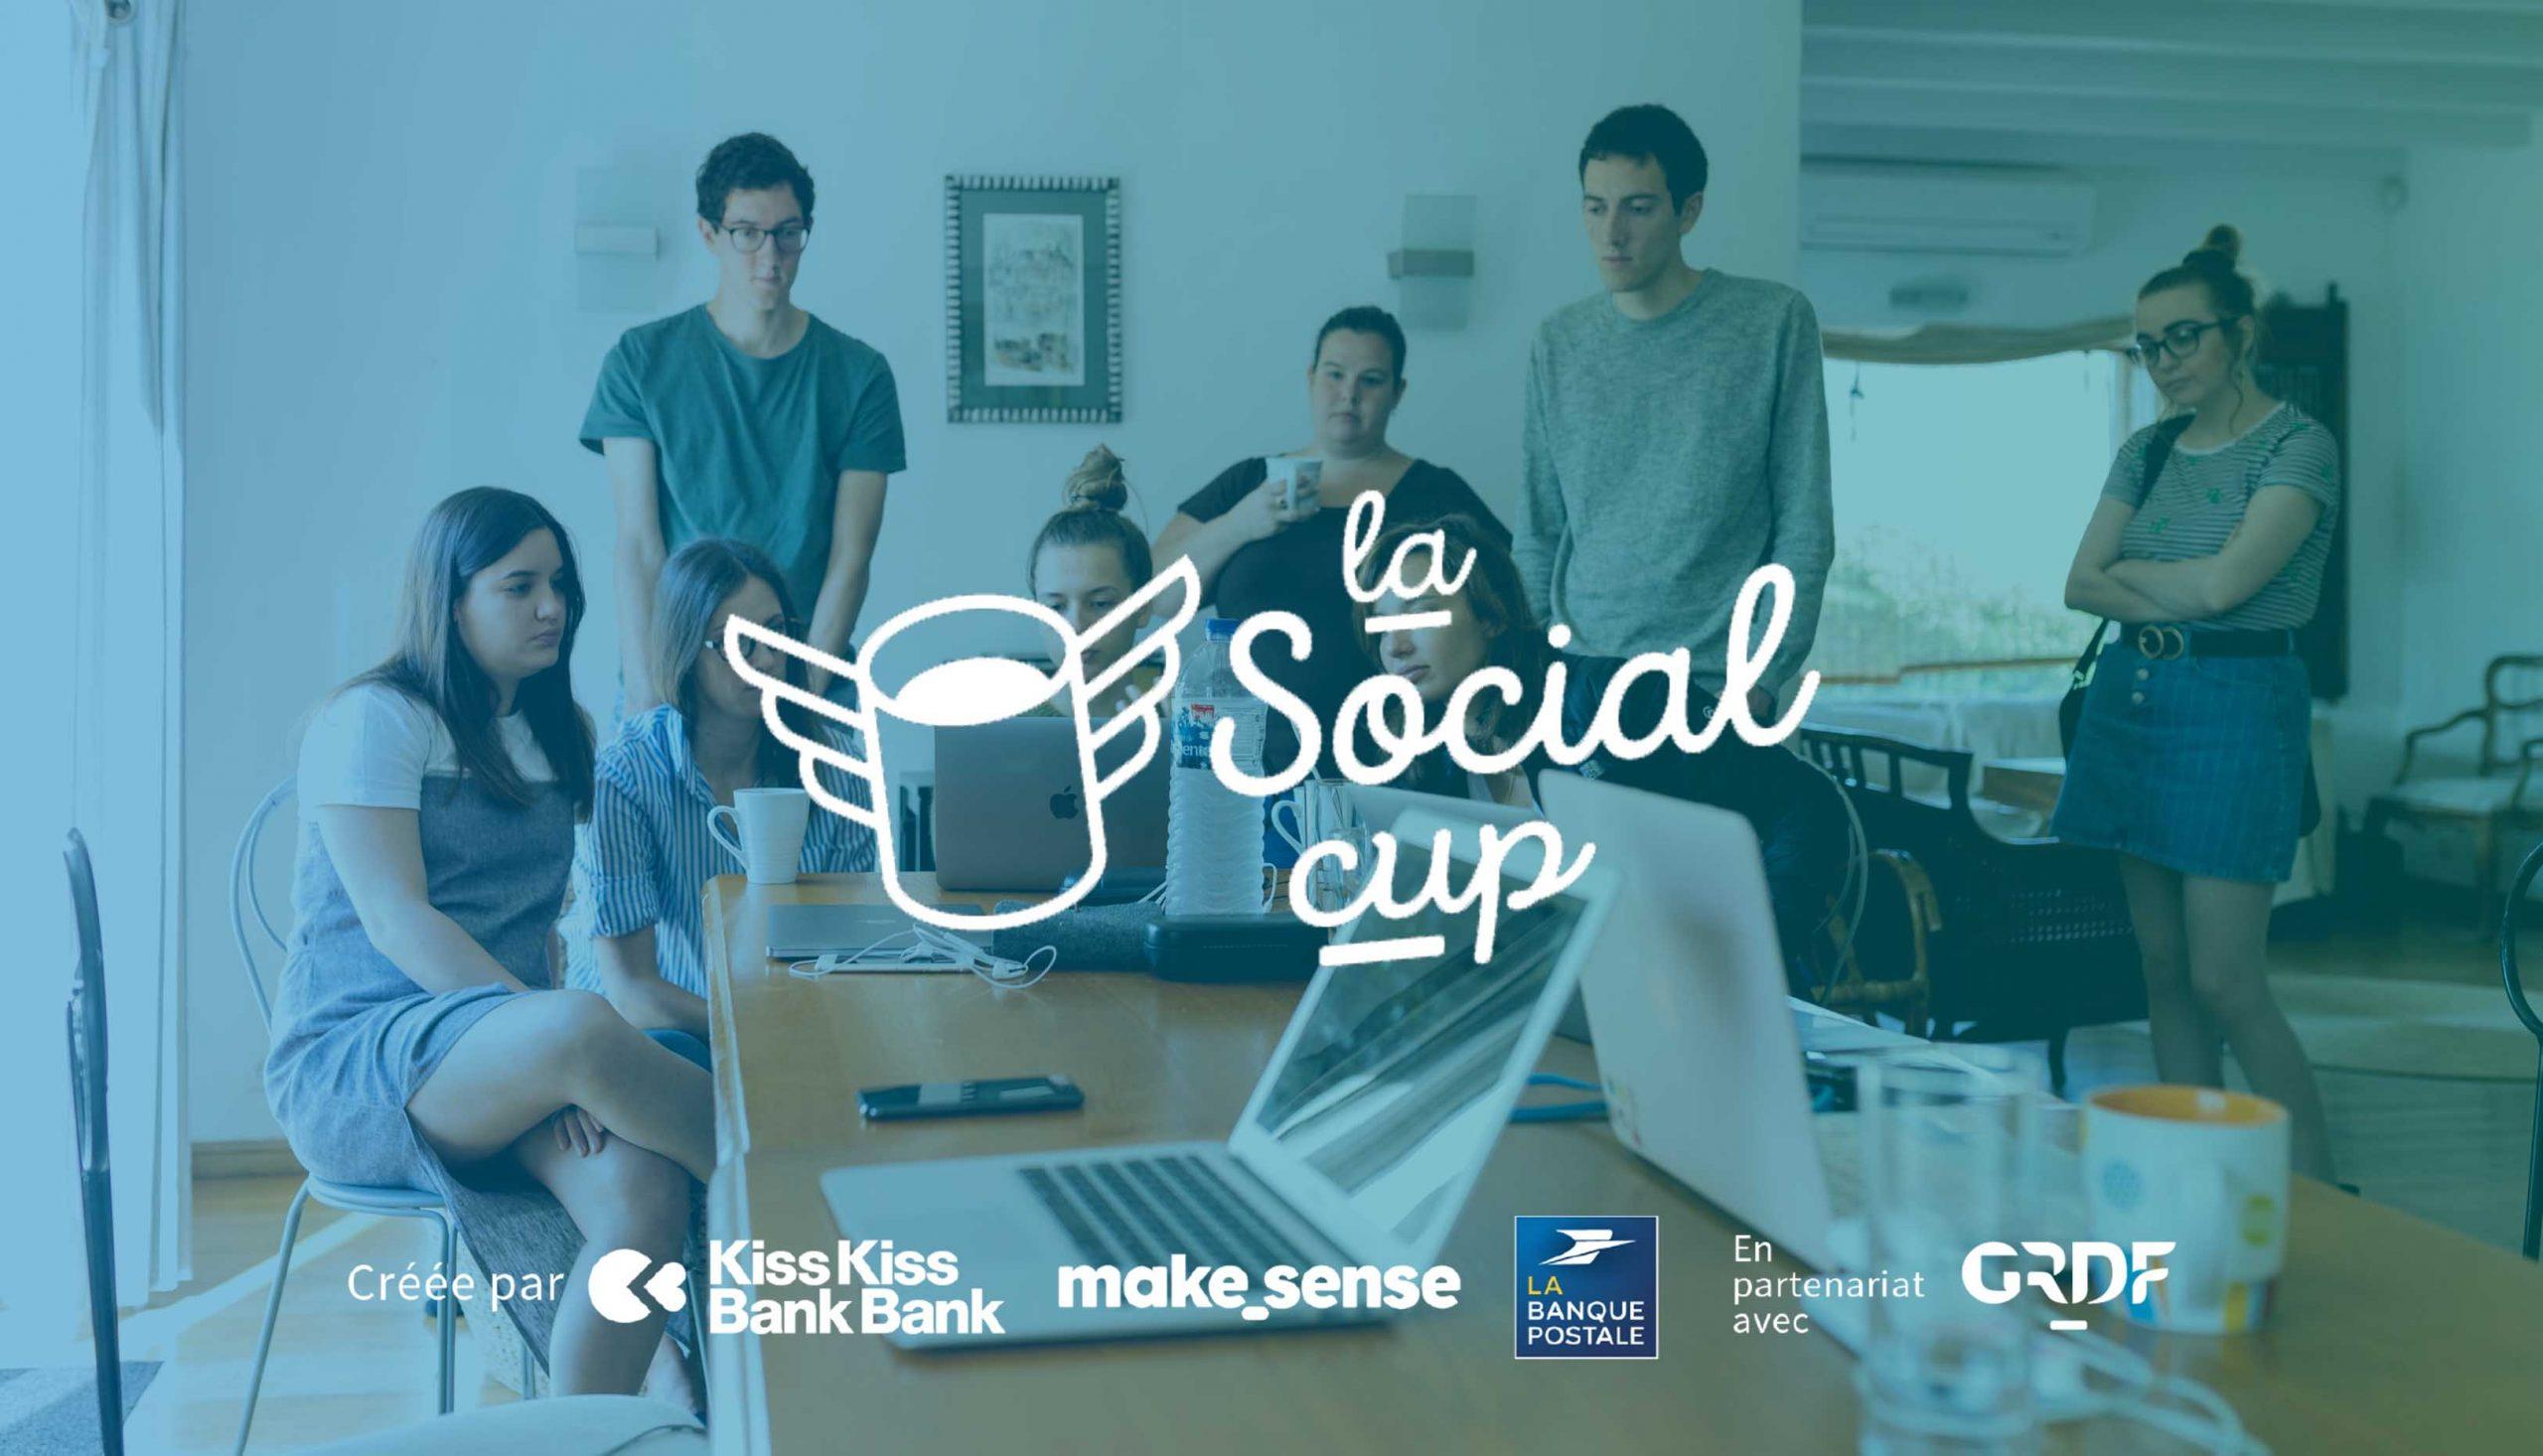 La Social Cup: a competition for social entrepreneurs